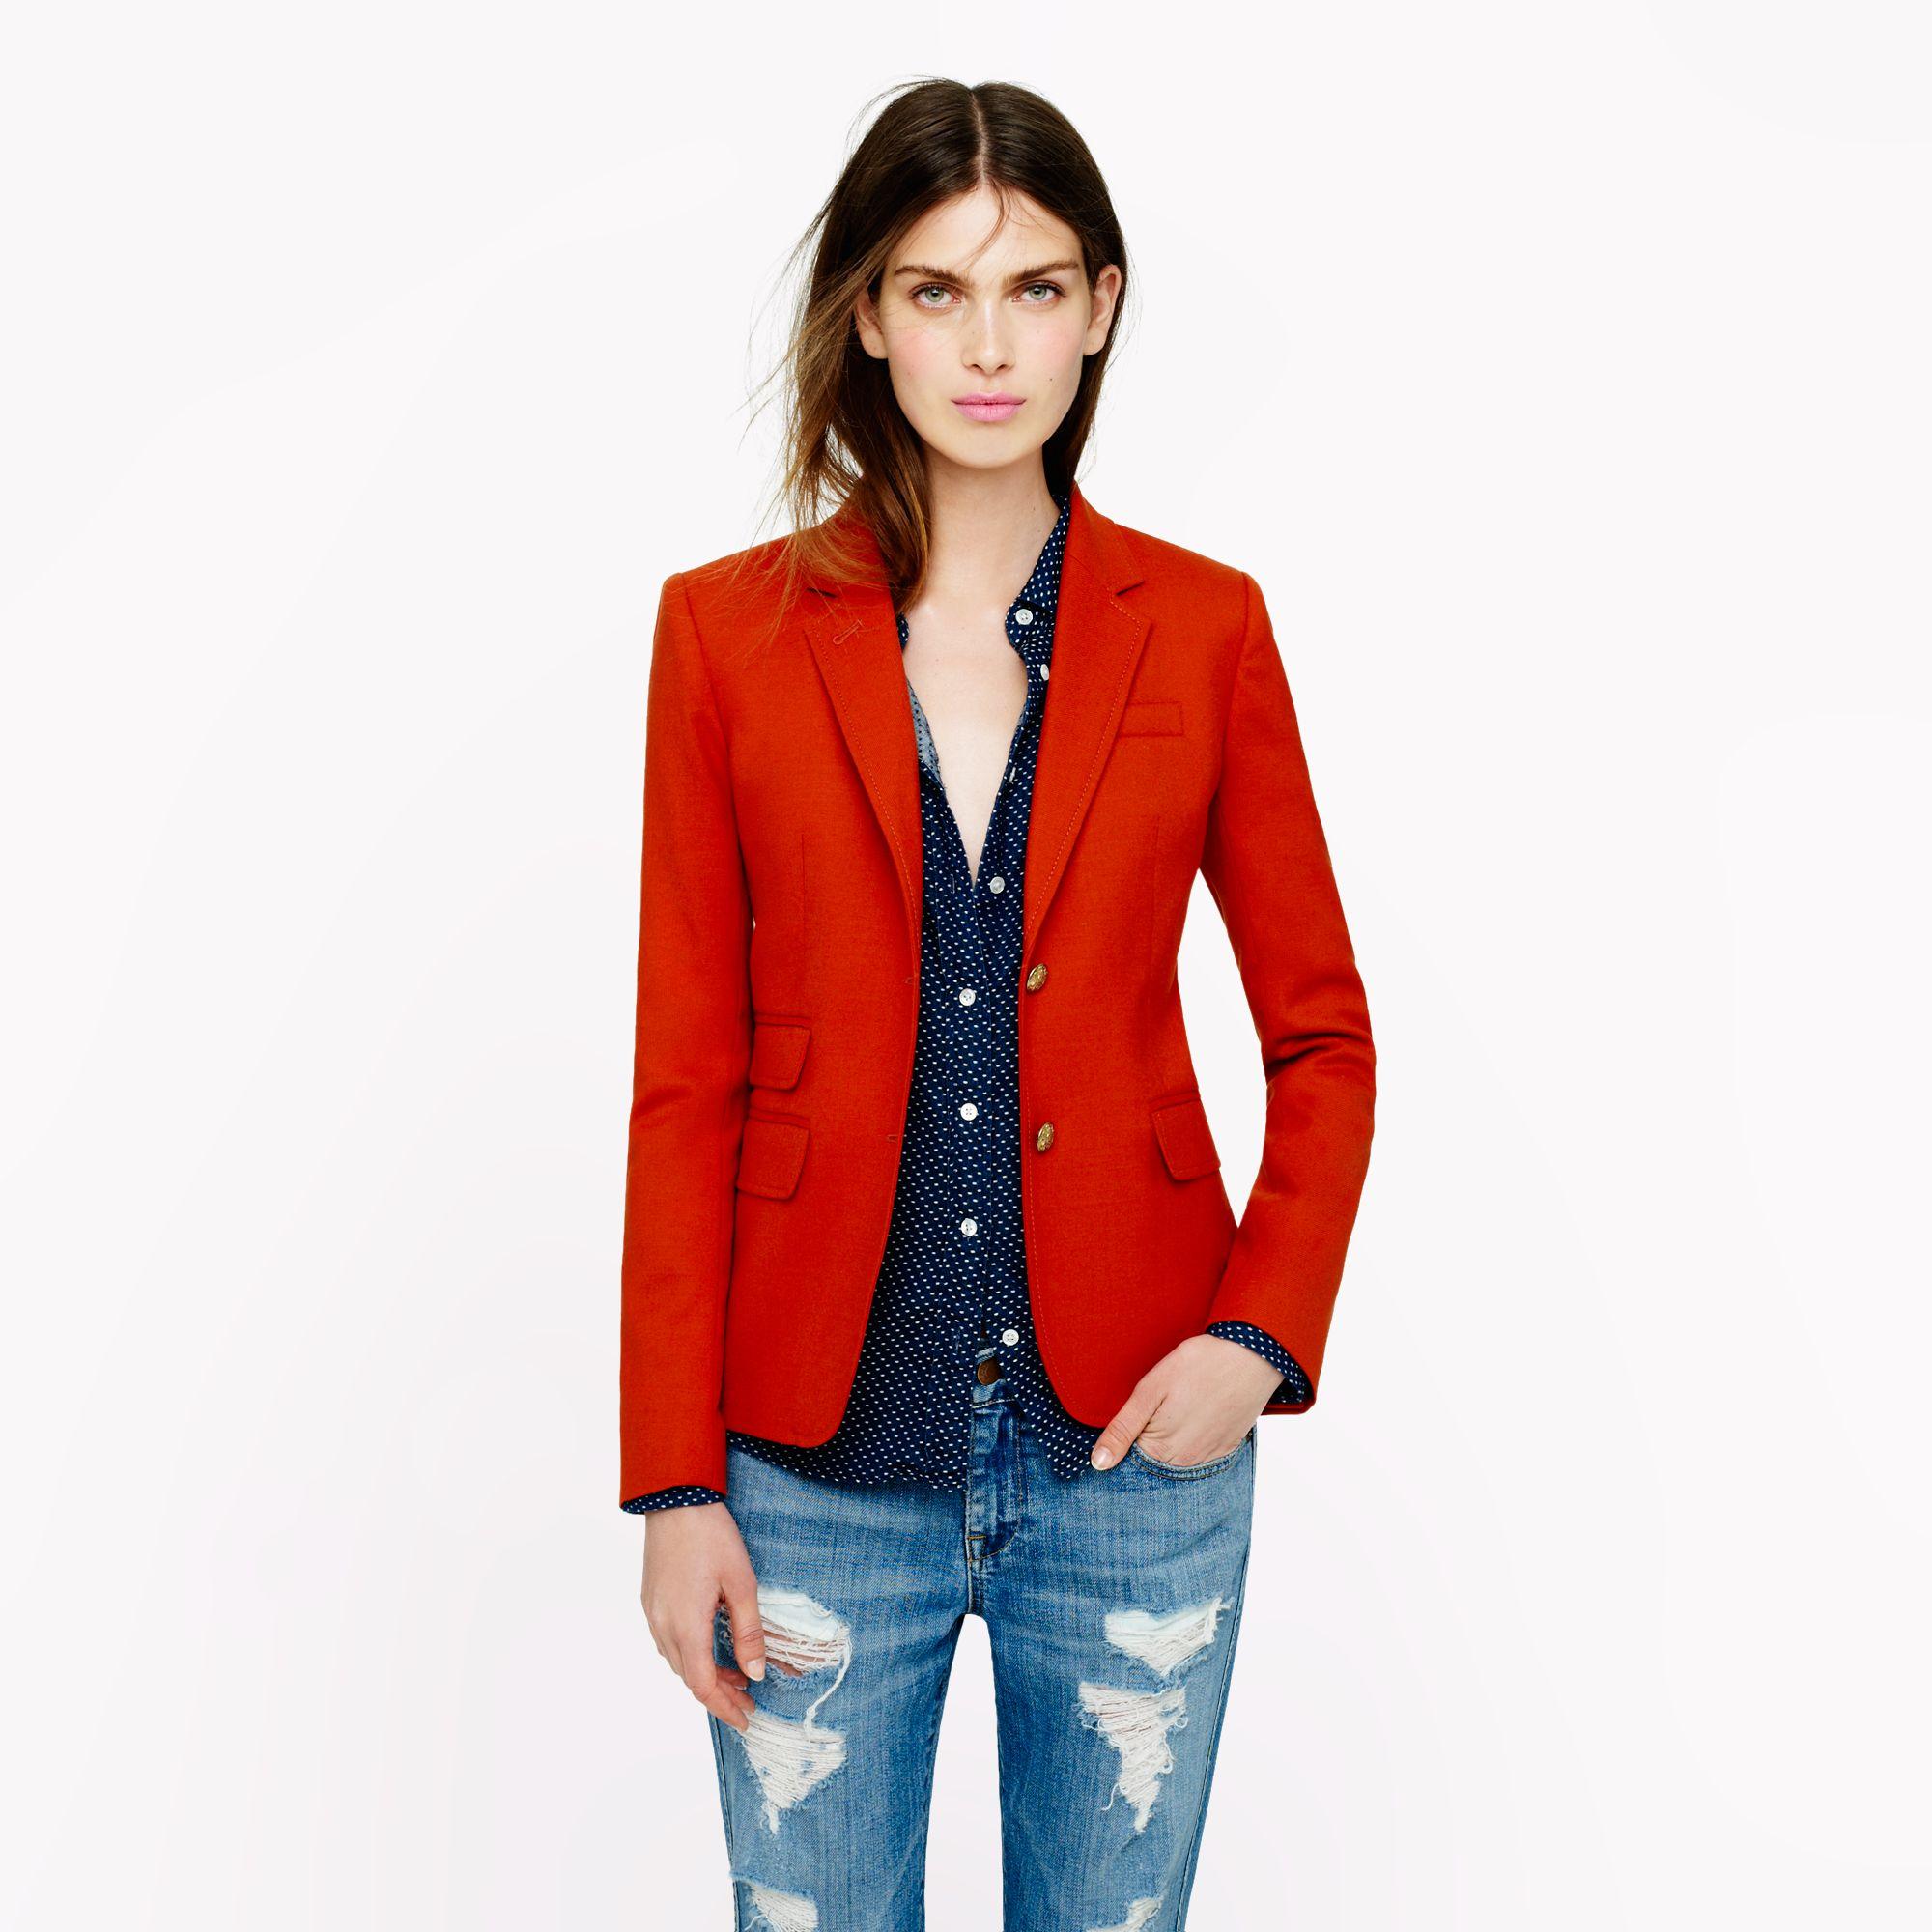 J.crew New Schoolboy Blazer In Wool Flannel In Red